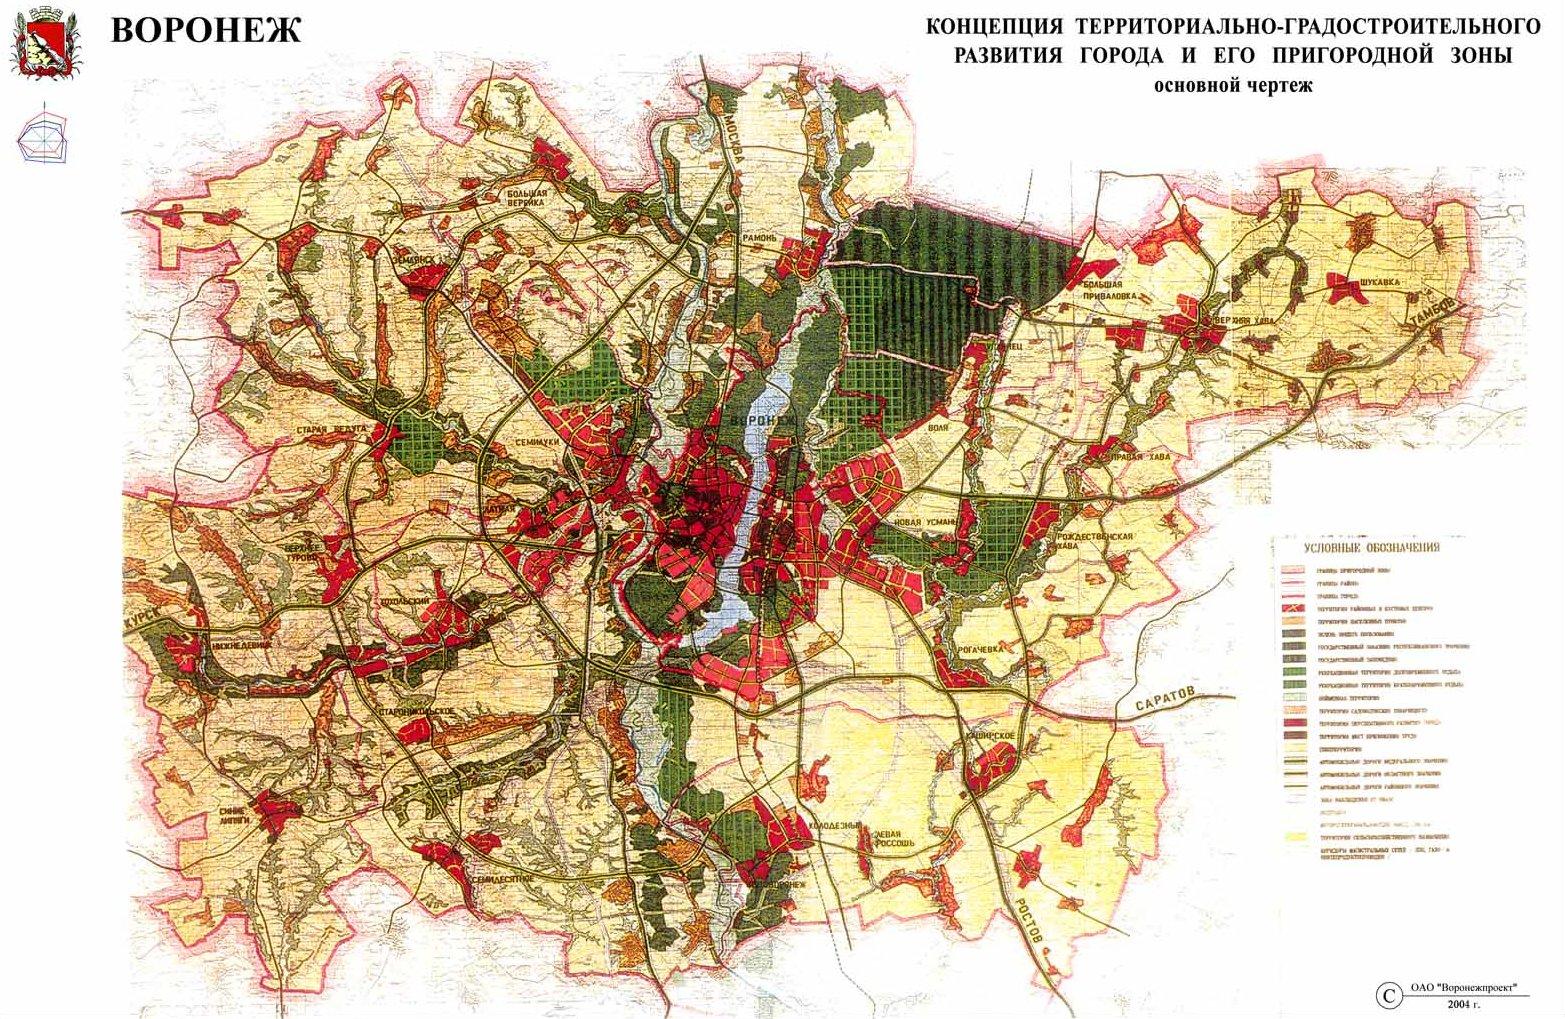 Концепция территориально-градостроительного развития города и его пригородной зоны (основной чертеж)